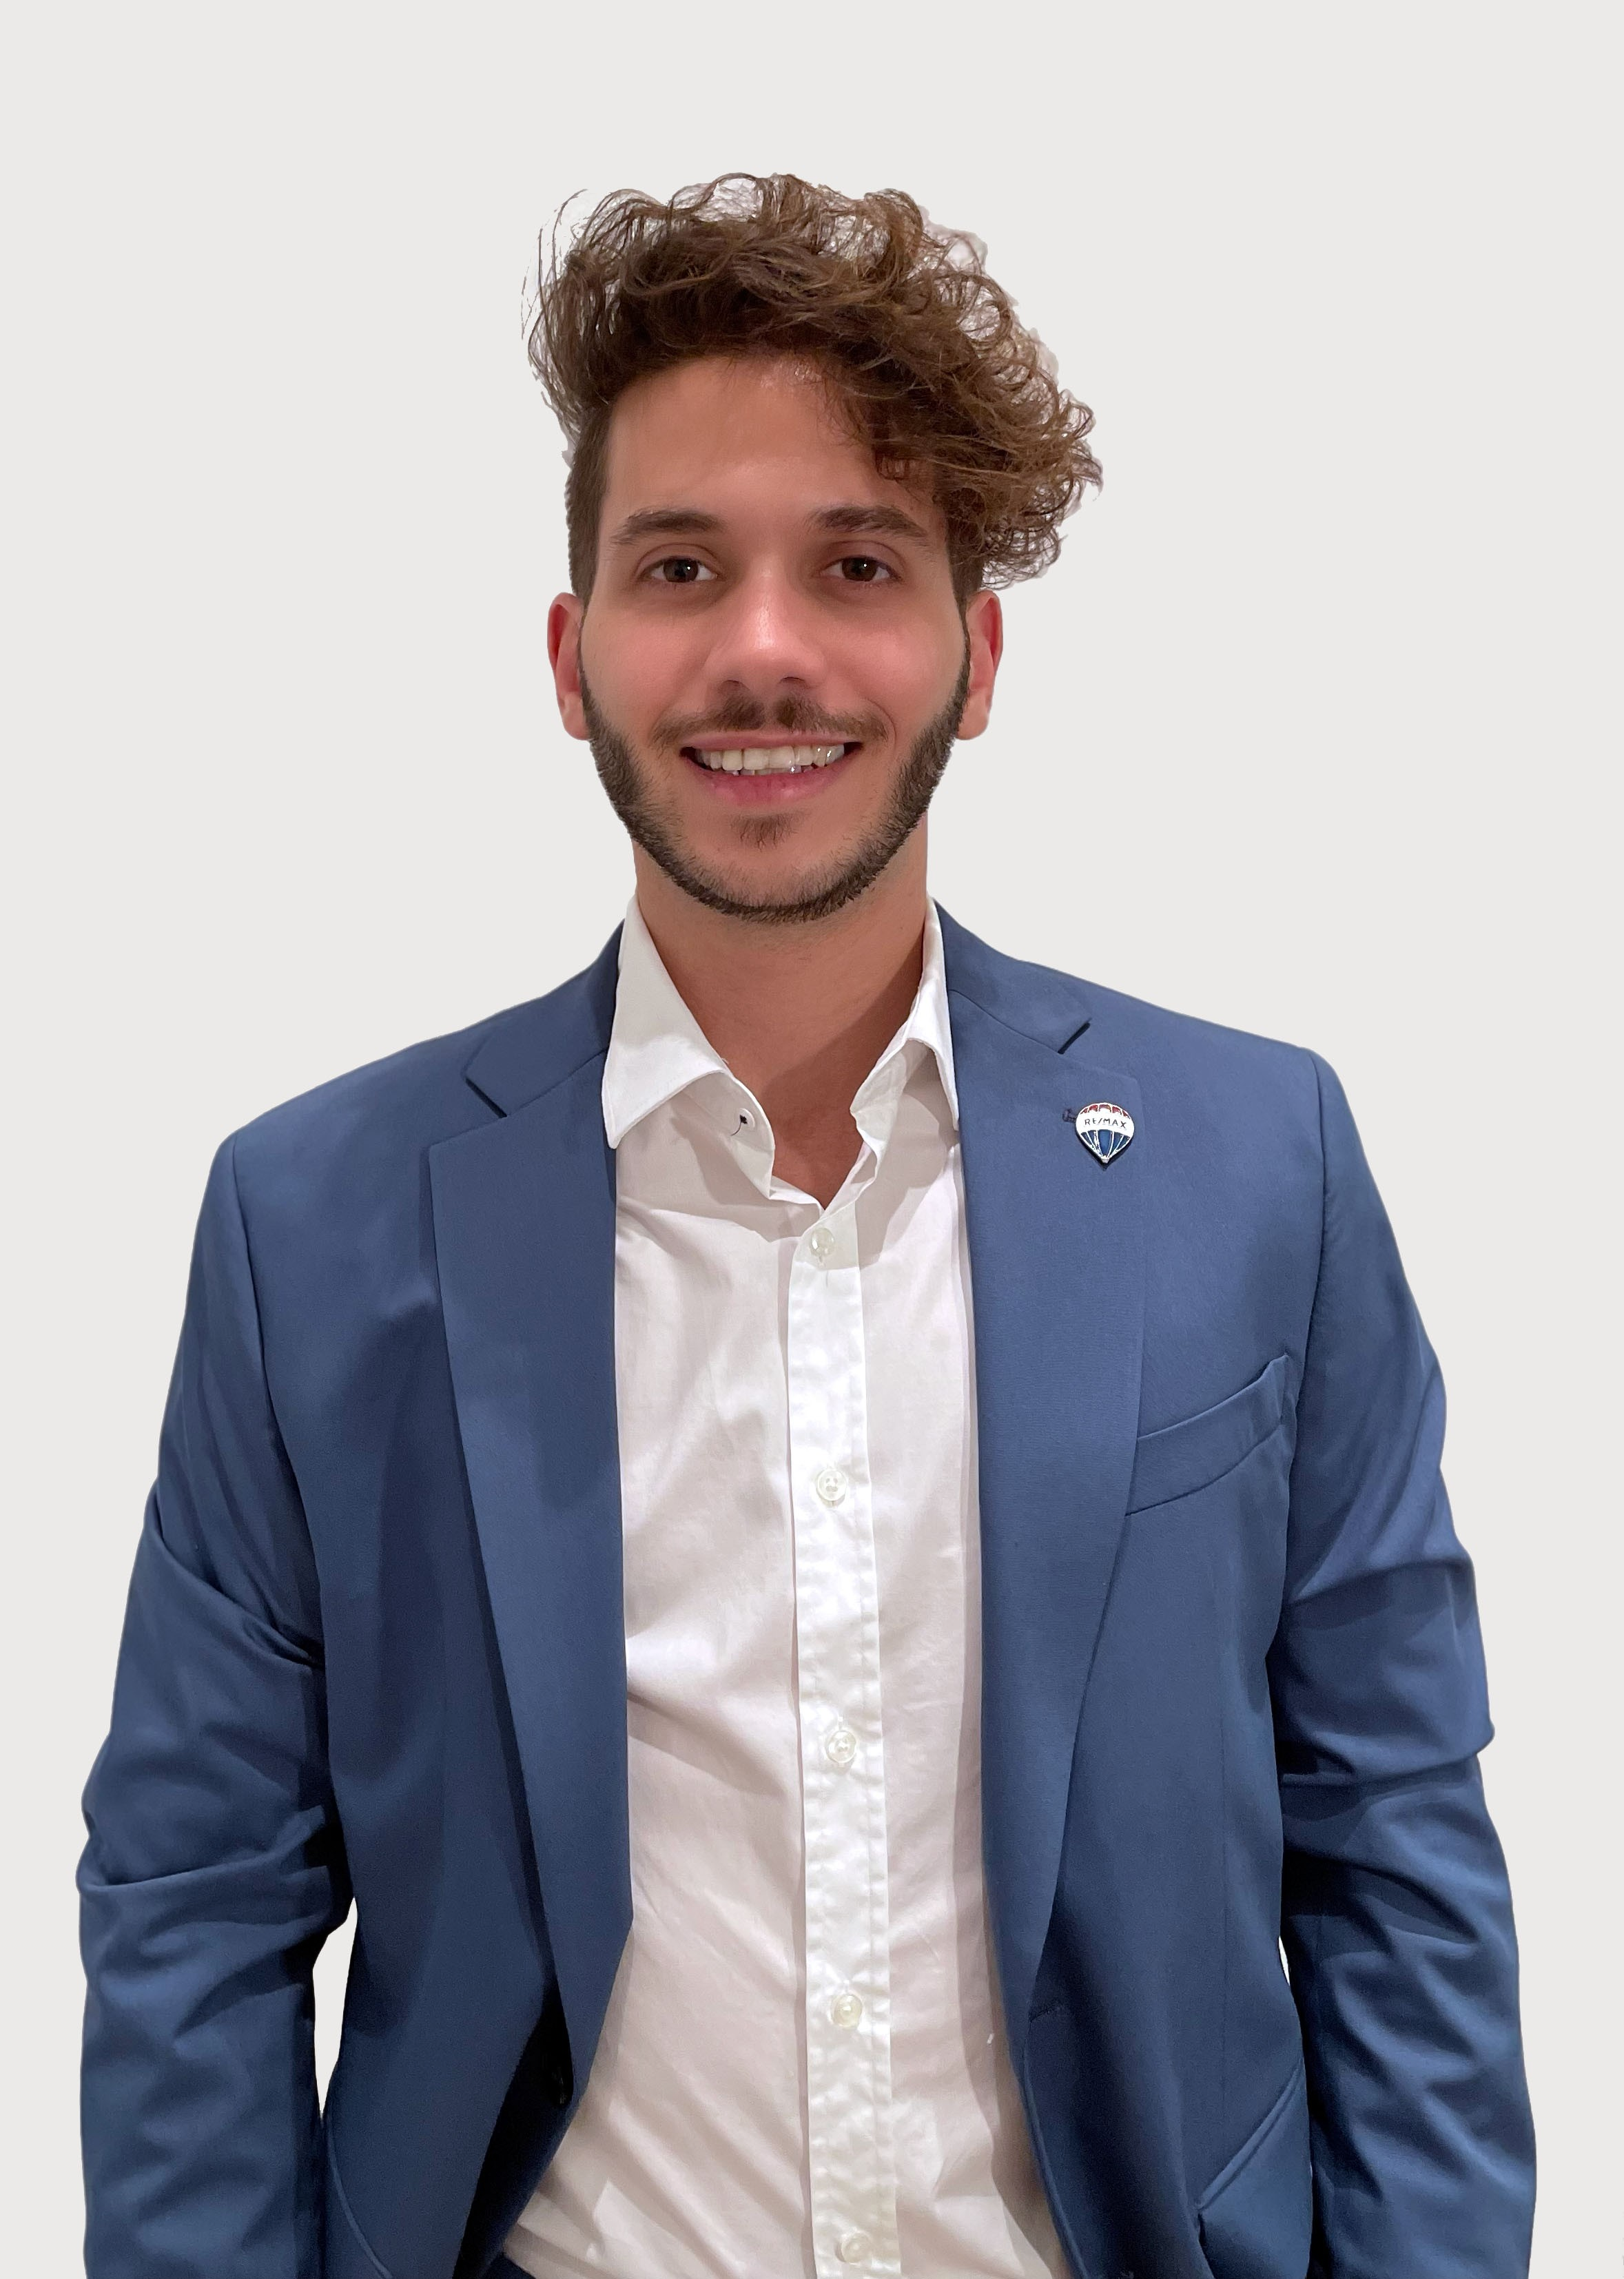 Gaston Gonzalez Confeggi